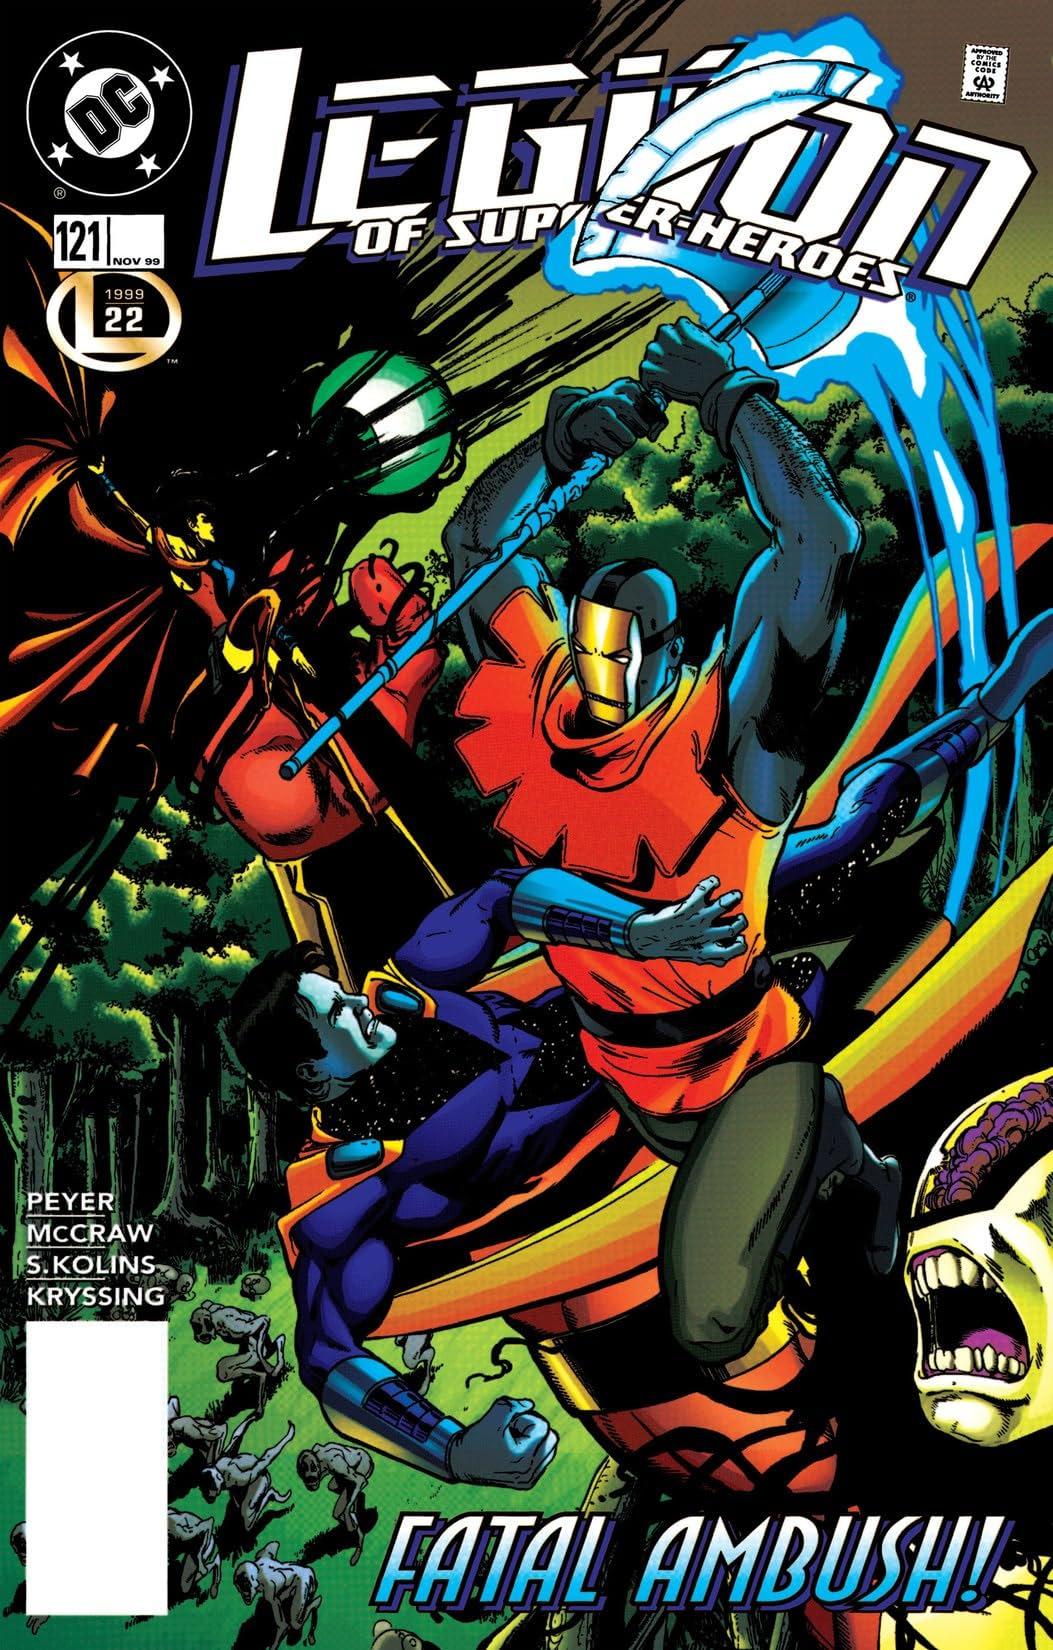 Legion of Super-Heroes (1989-2000) #121